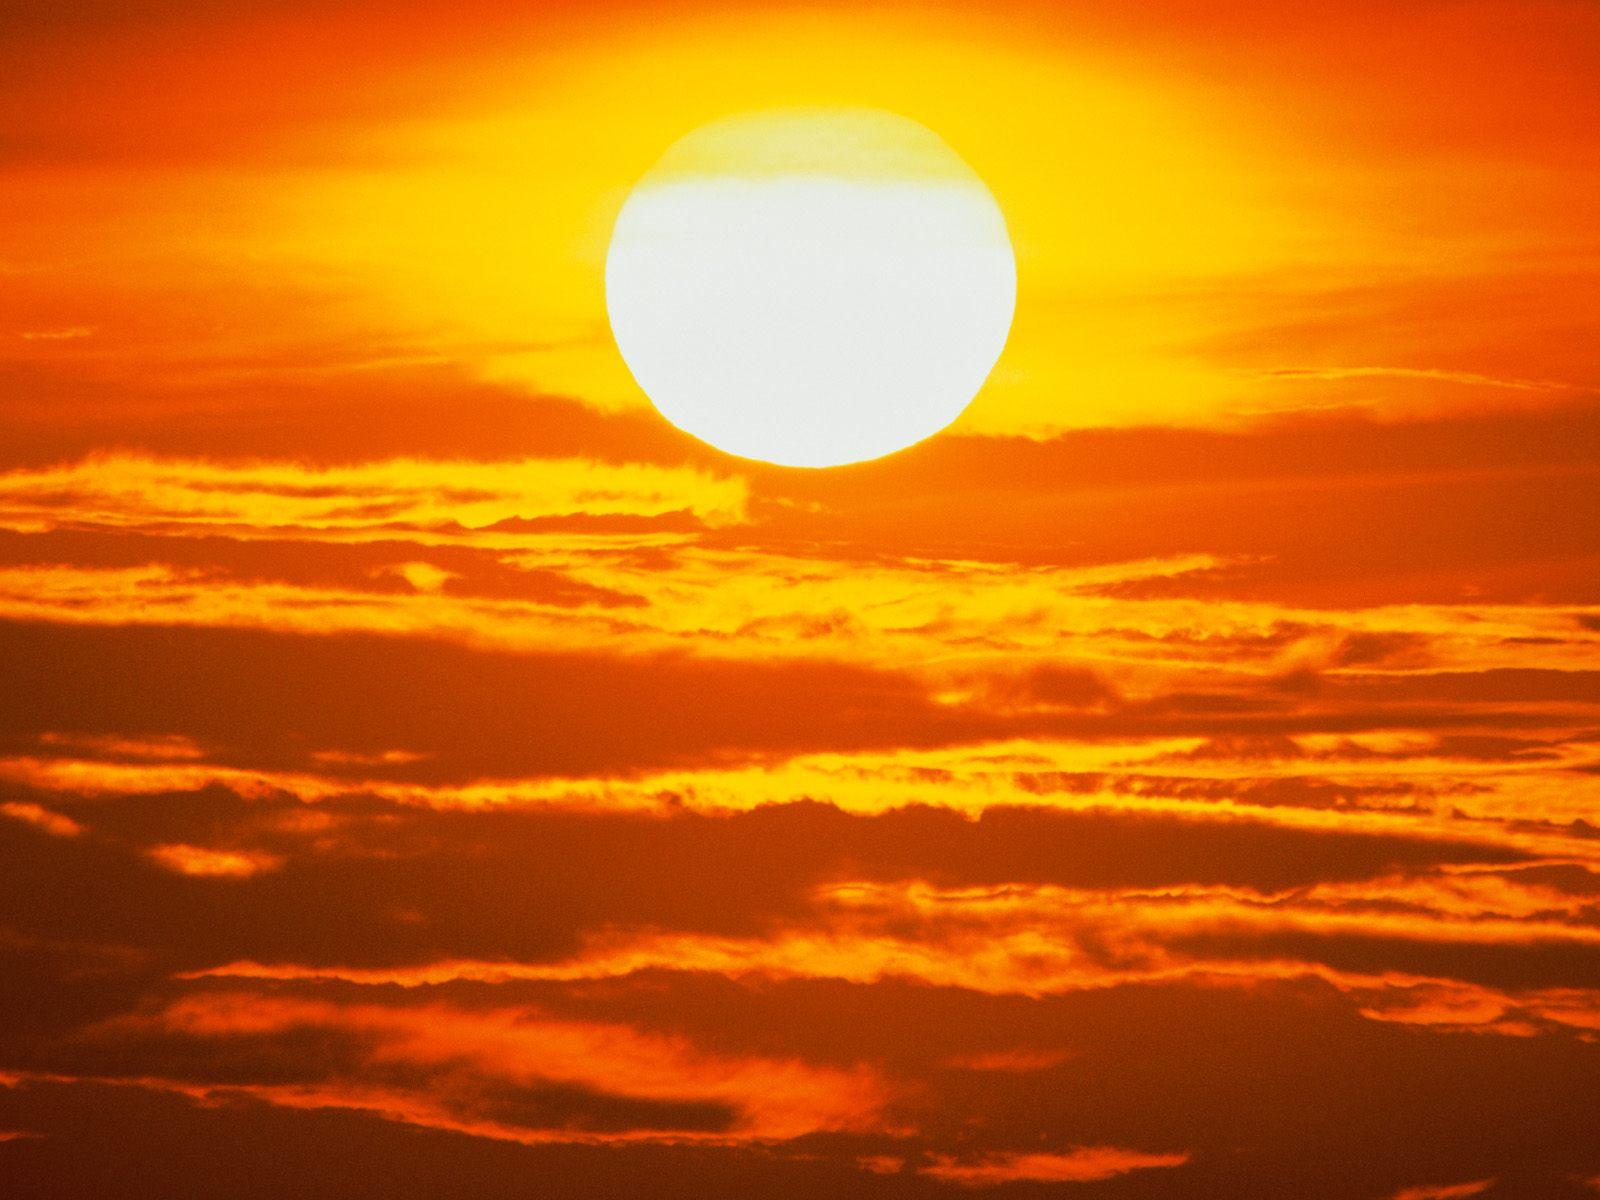 The Sun JPG